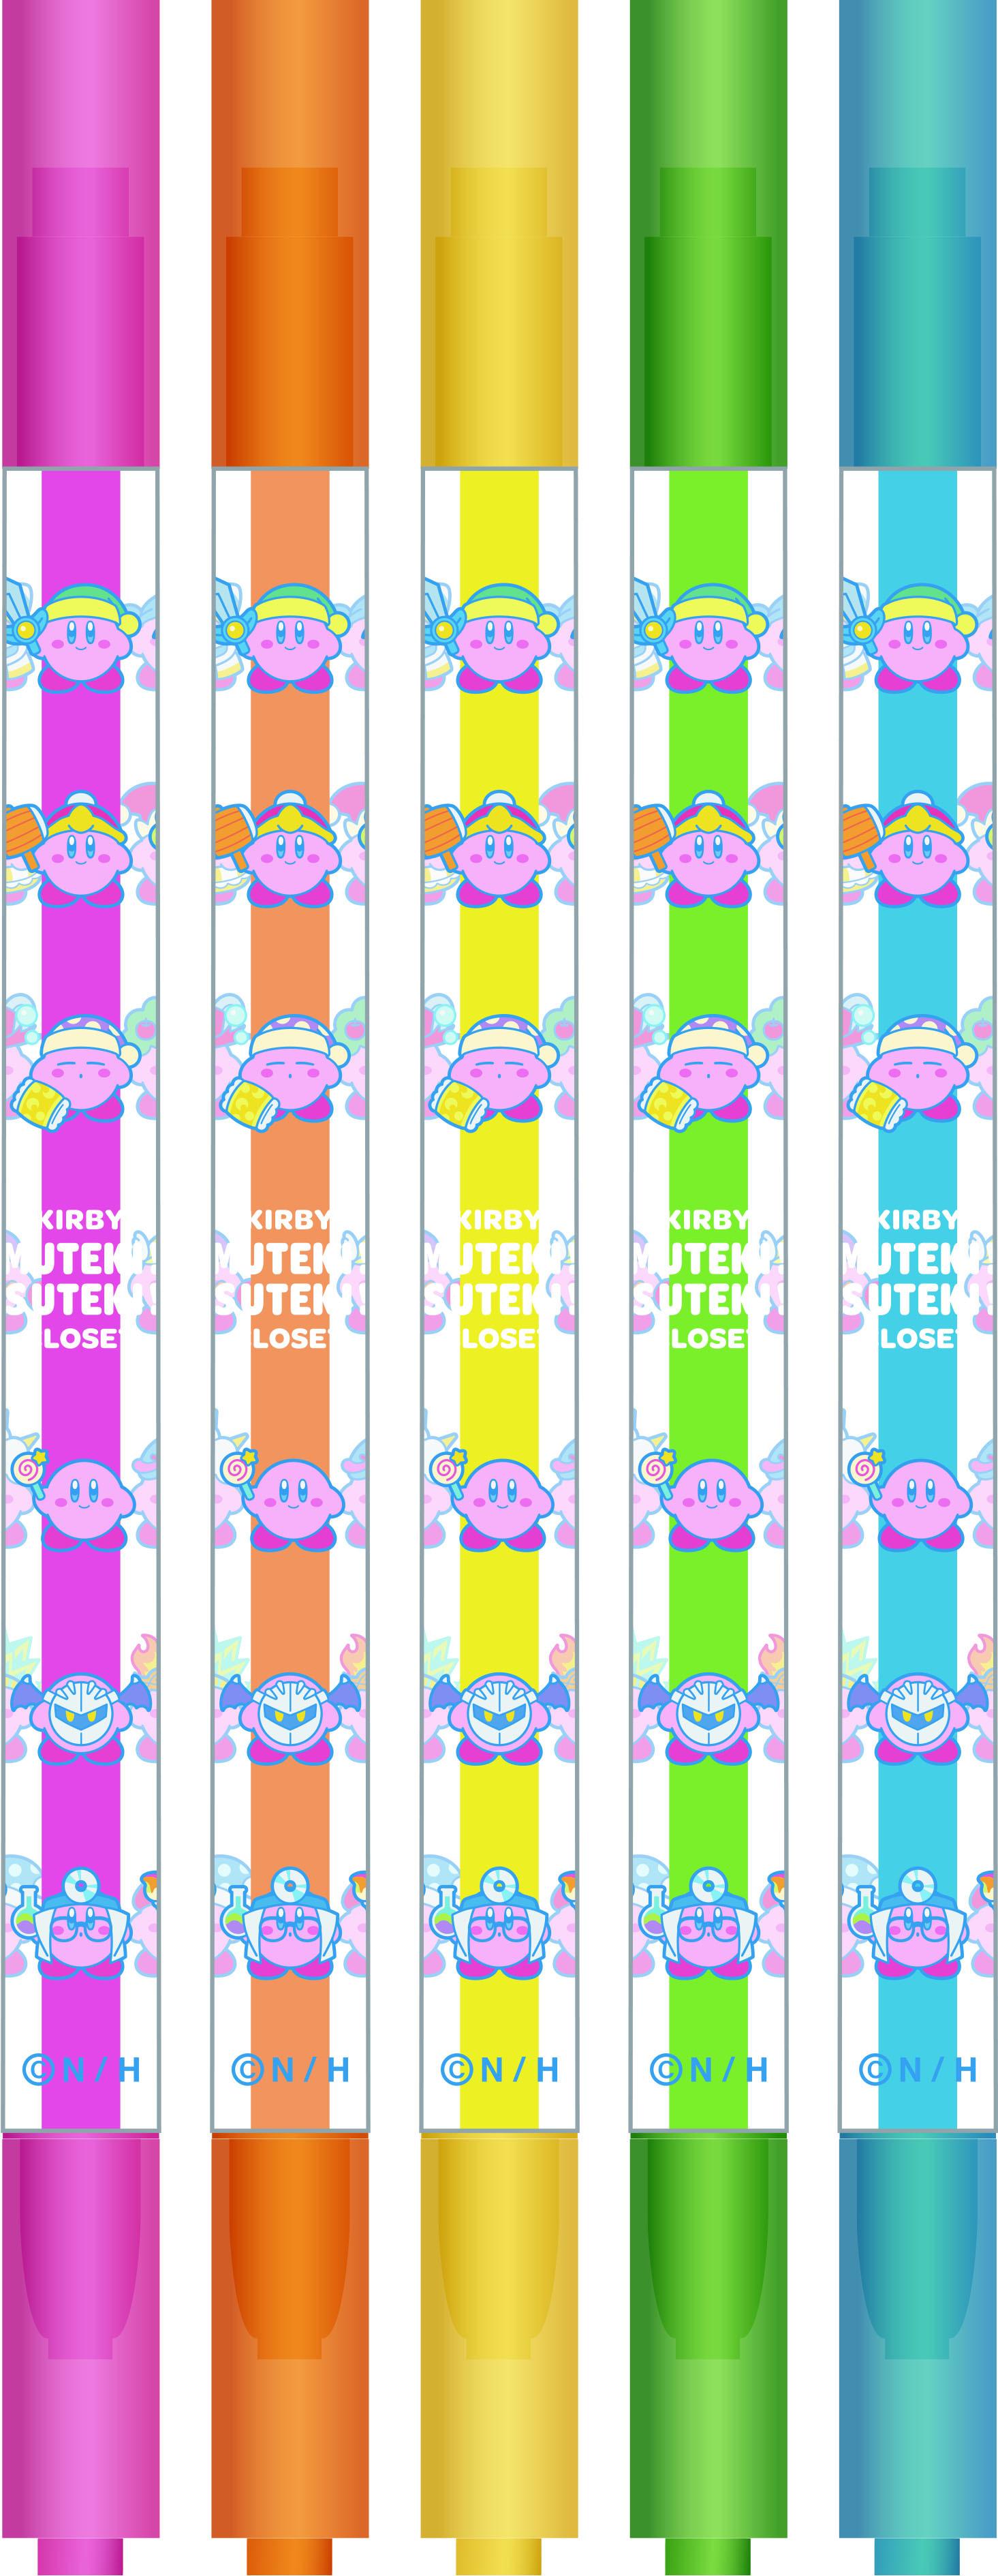 星のカービィ KIRBY MUTEKI! SUTEKI! CLOSET ケース付き蛍光ペンセット /  エンスカイ